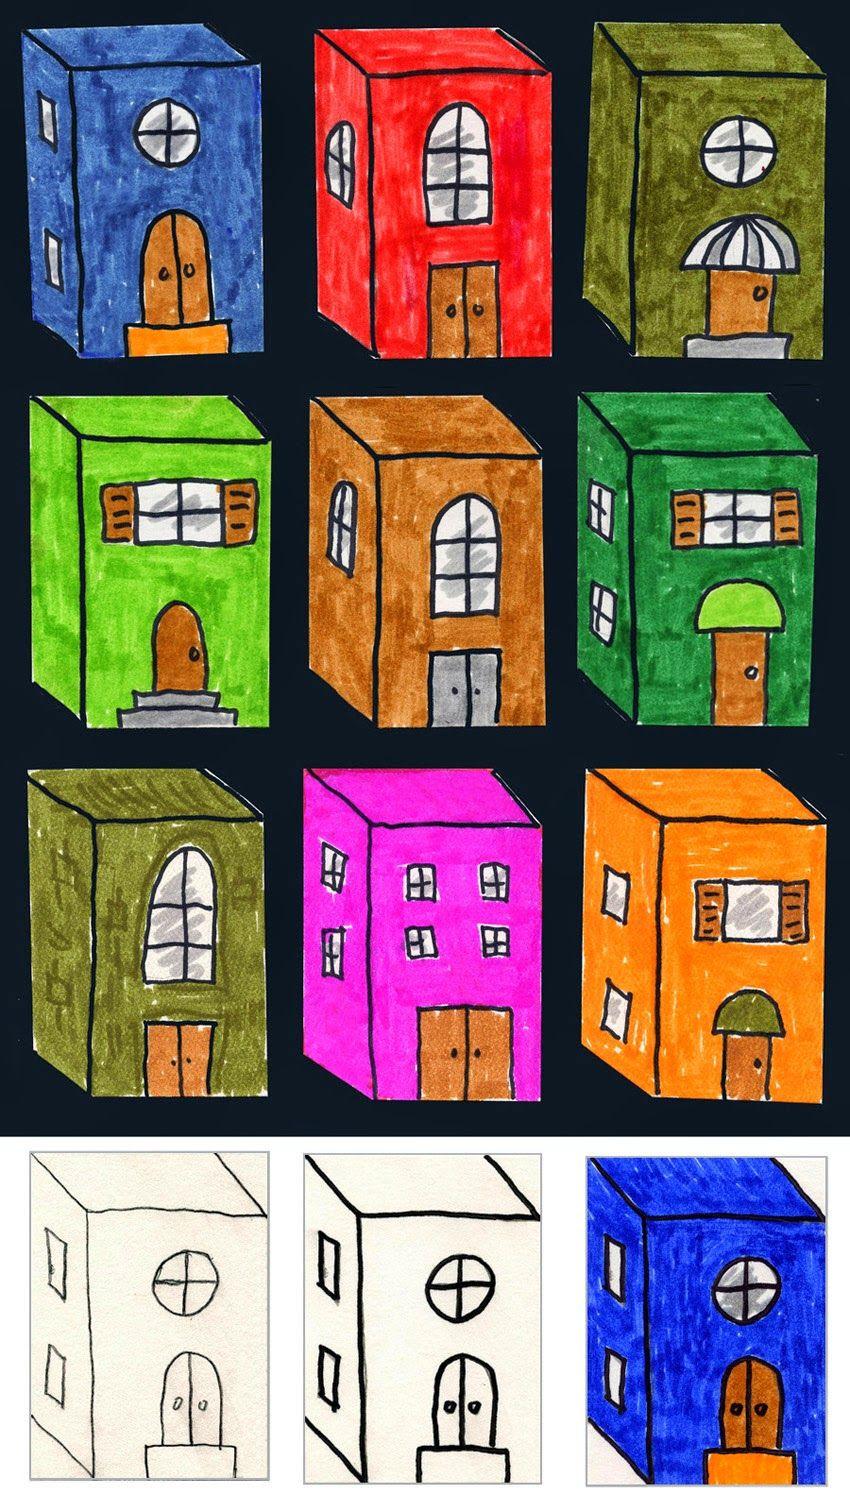 3D Art Projects For Kids  Little 3D Buildings